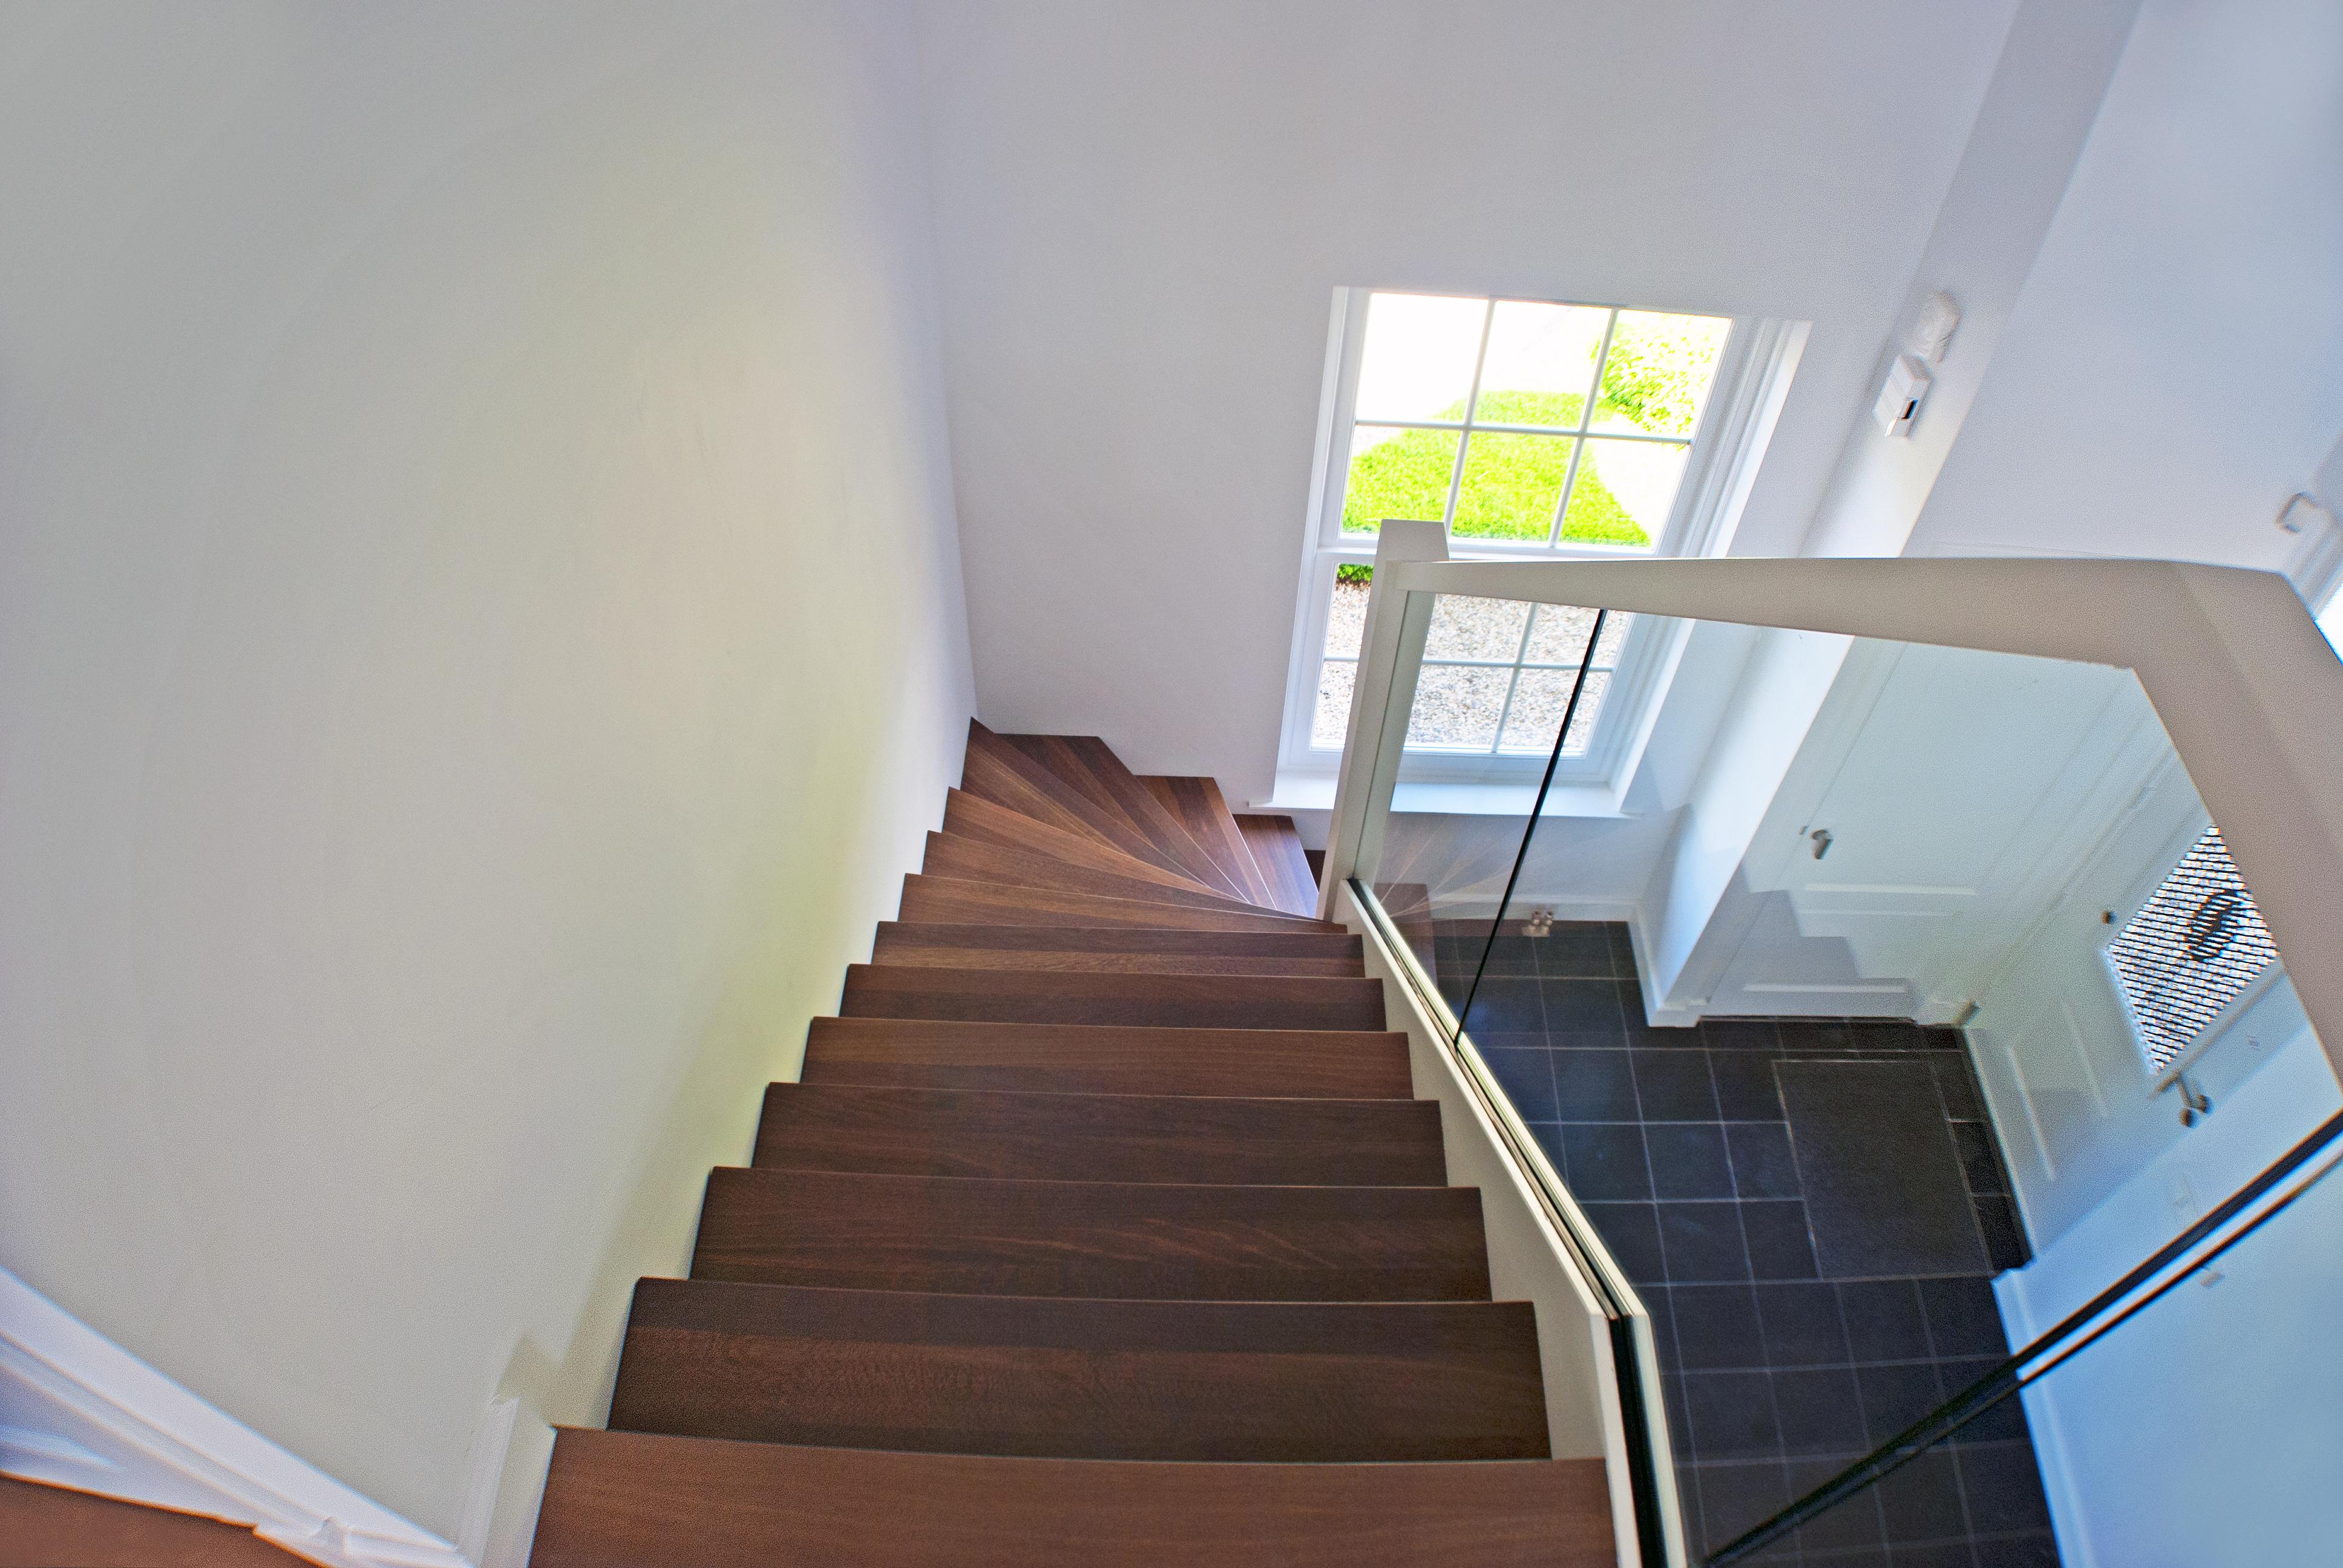 Van bruchem staircases moderne trap met glas